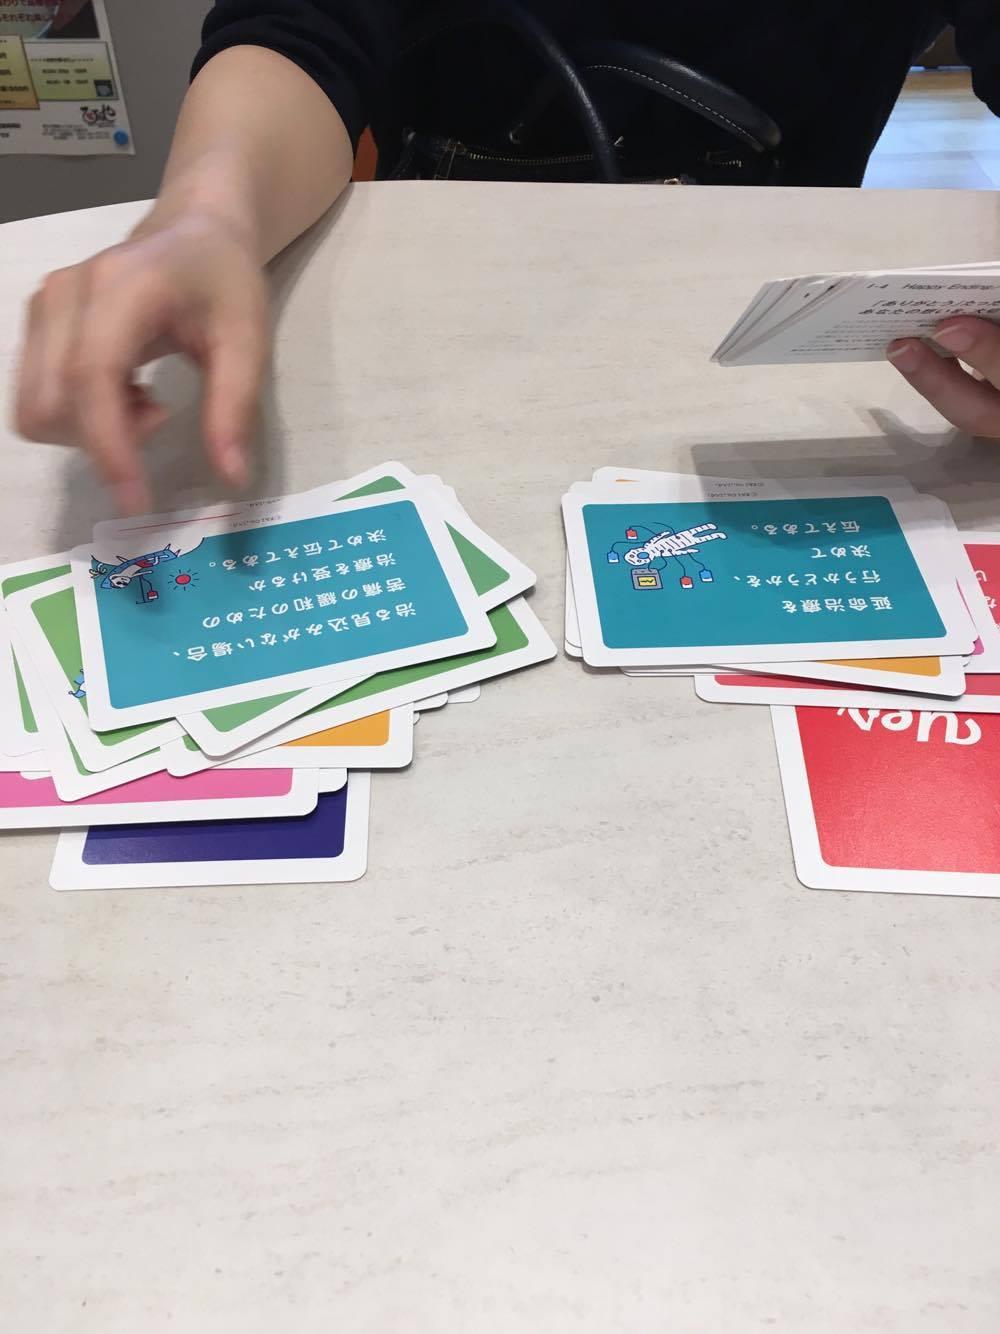 ハッピーエンディングカード 20代女性の声いただきました。